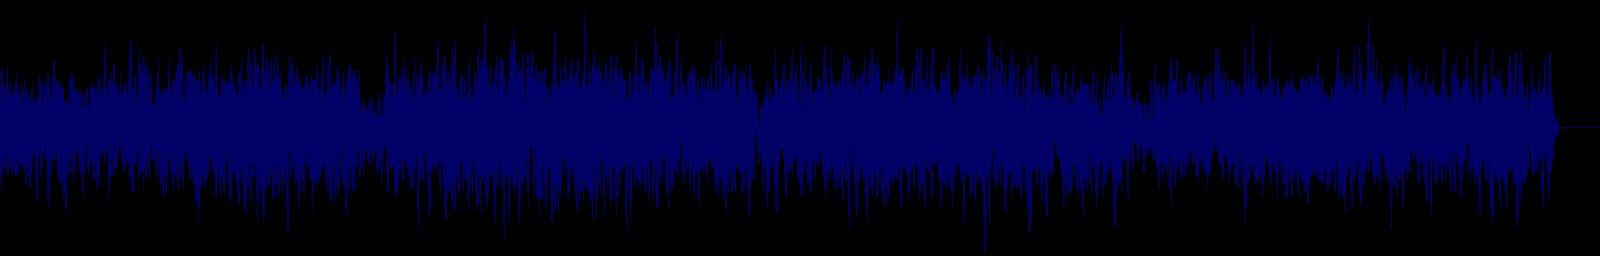 waveform of track #159323